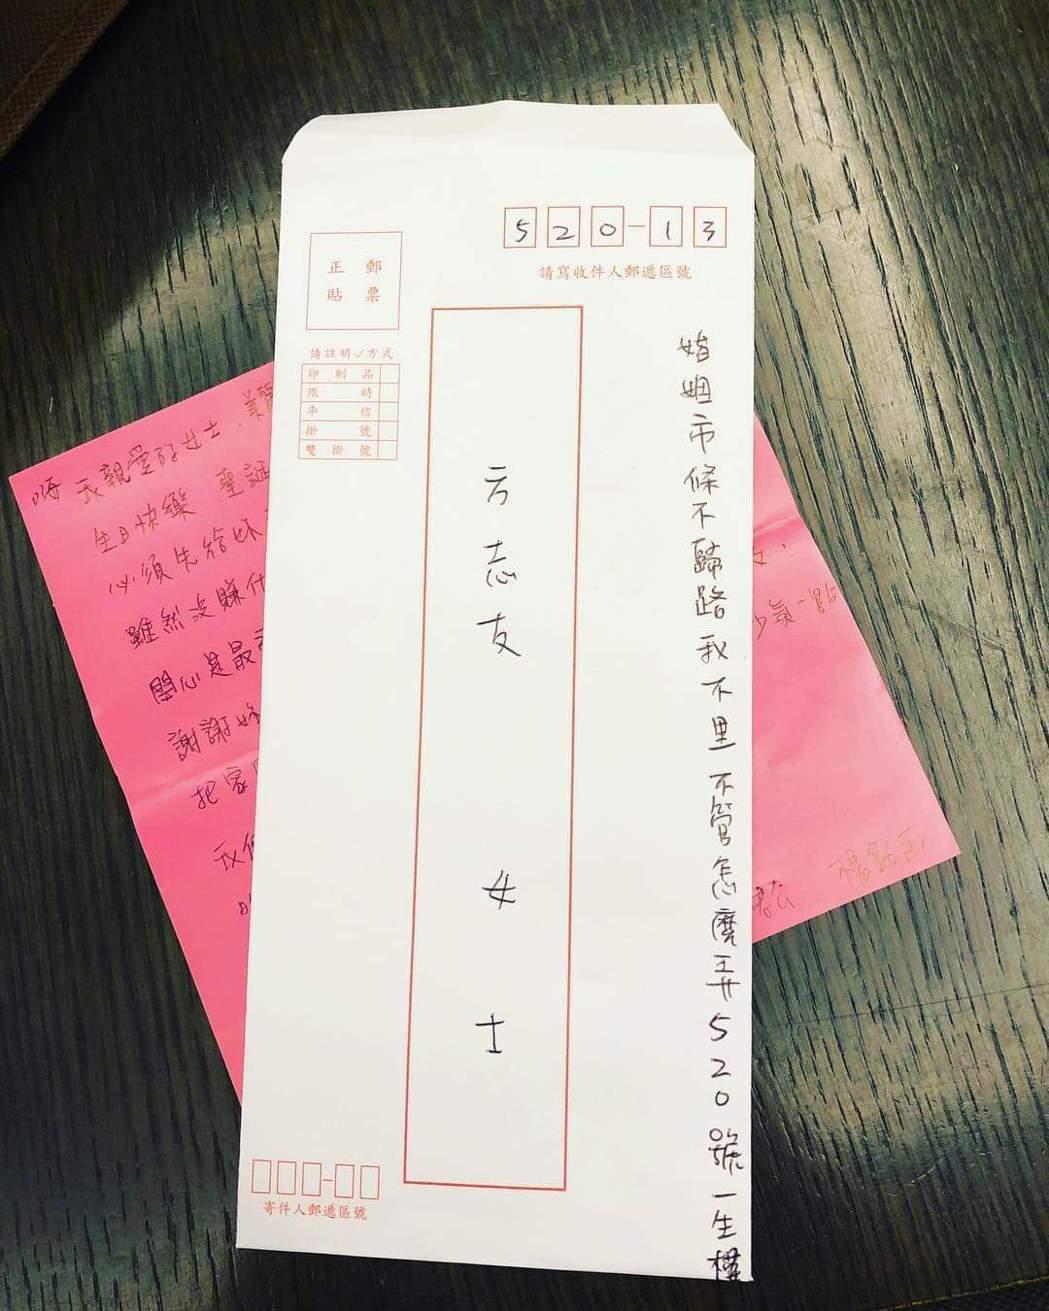 方志友曝光老公楊銘威寫給她的卡片。圖/摘自臉書